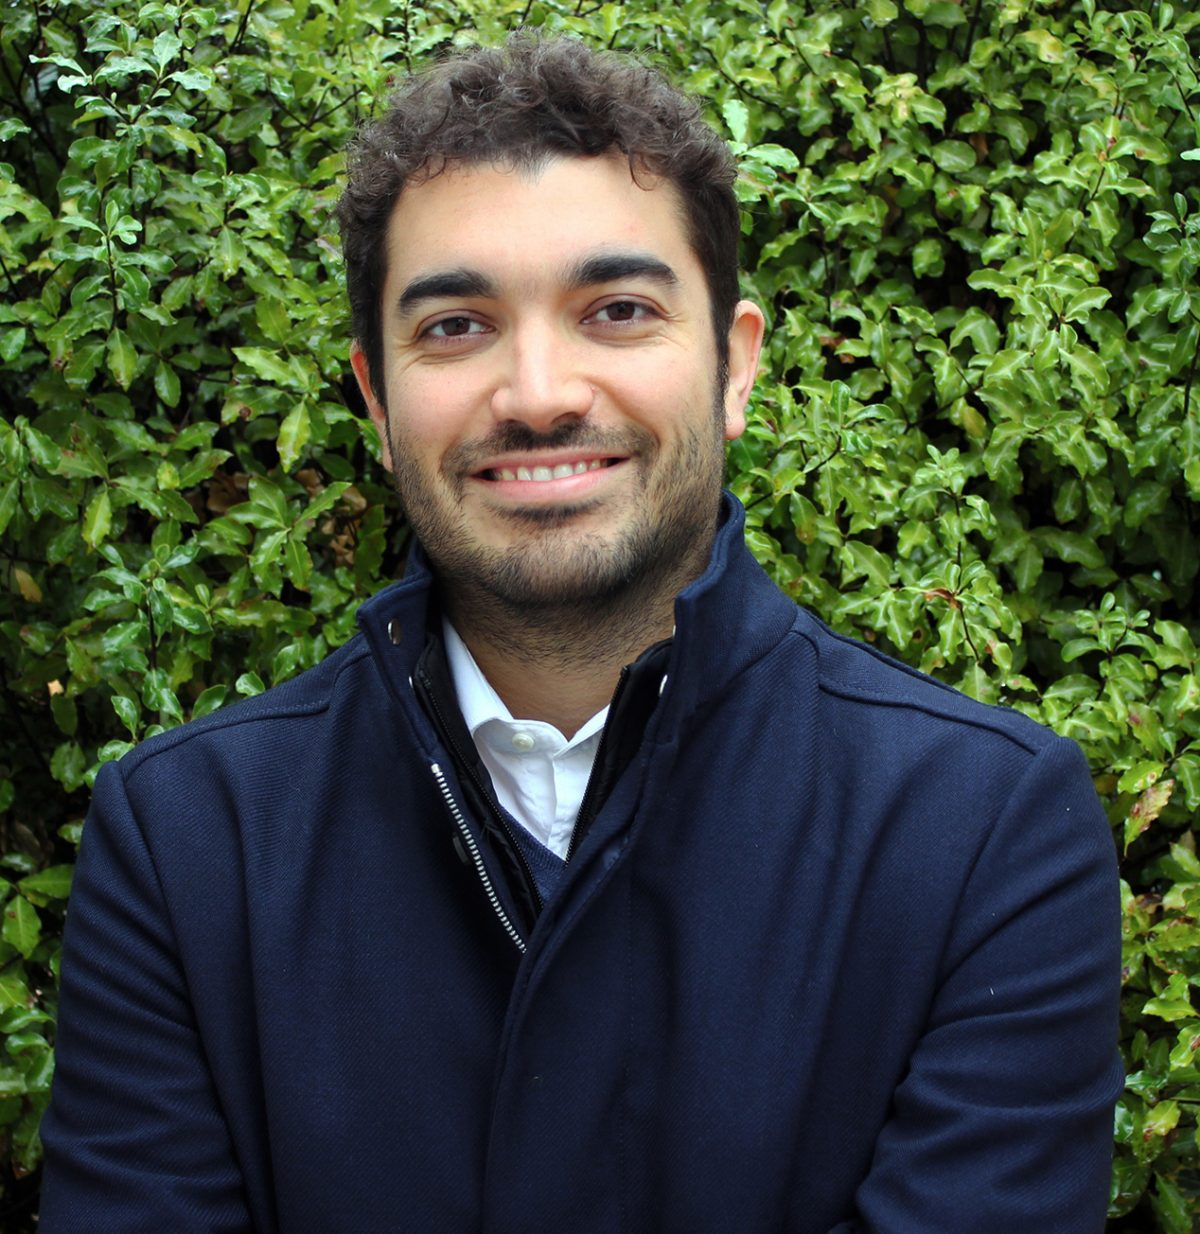 García Francisco